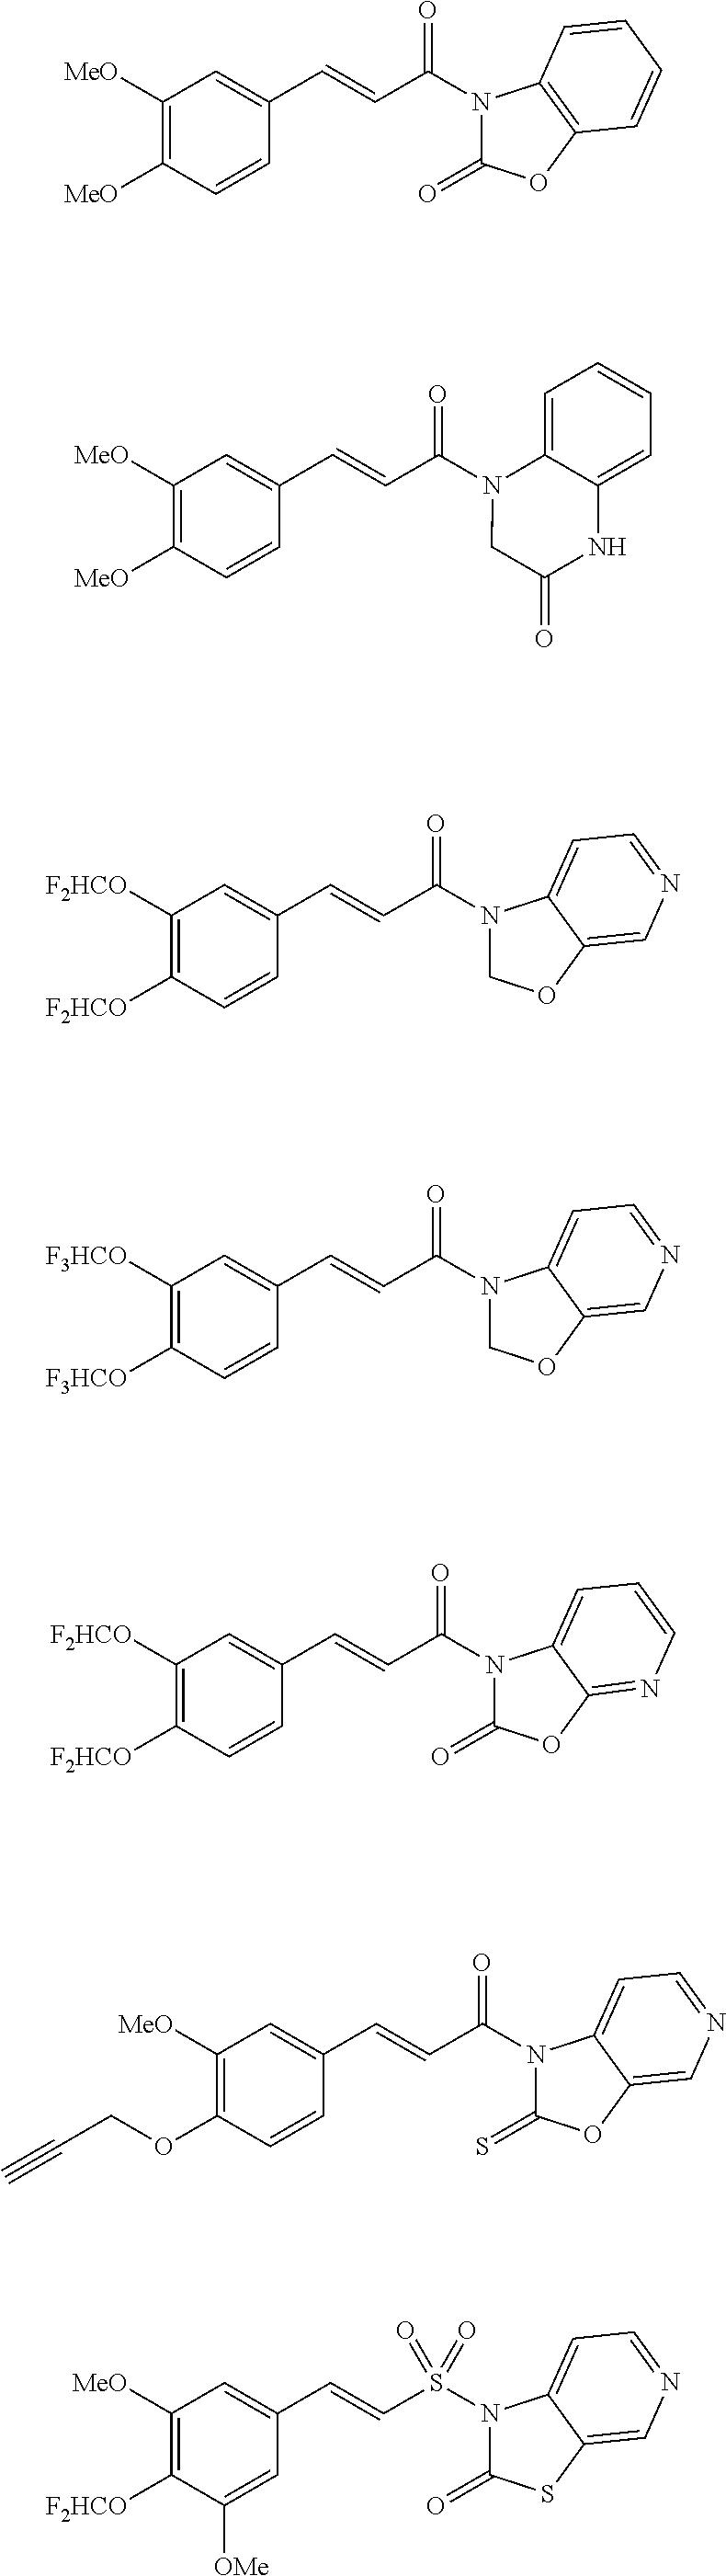 Figure US09951087-20180424-C00053